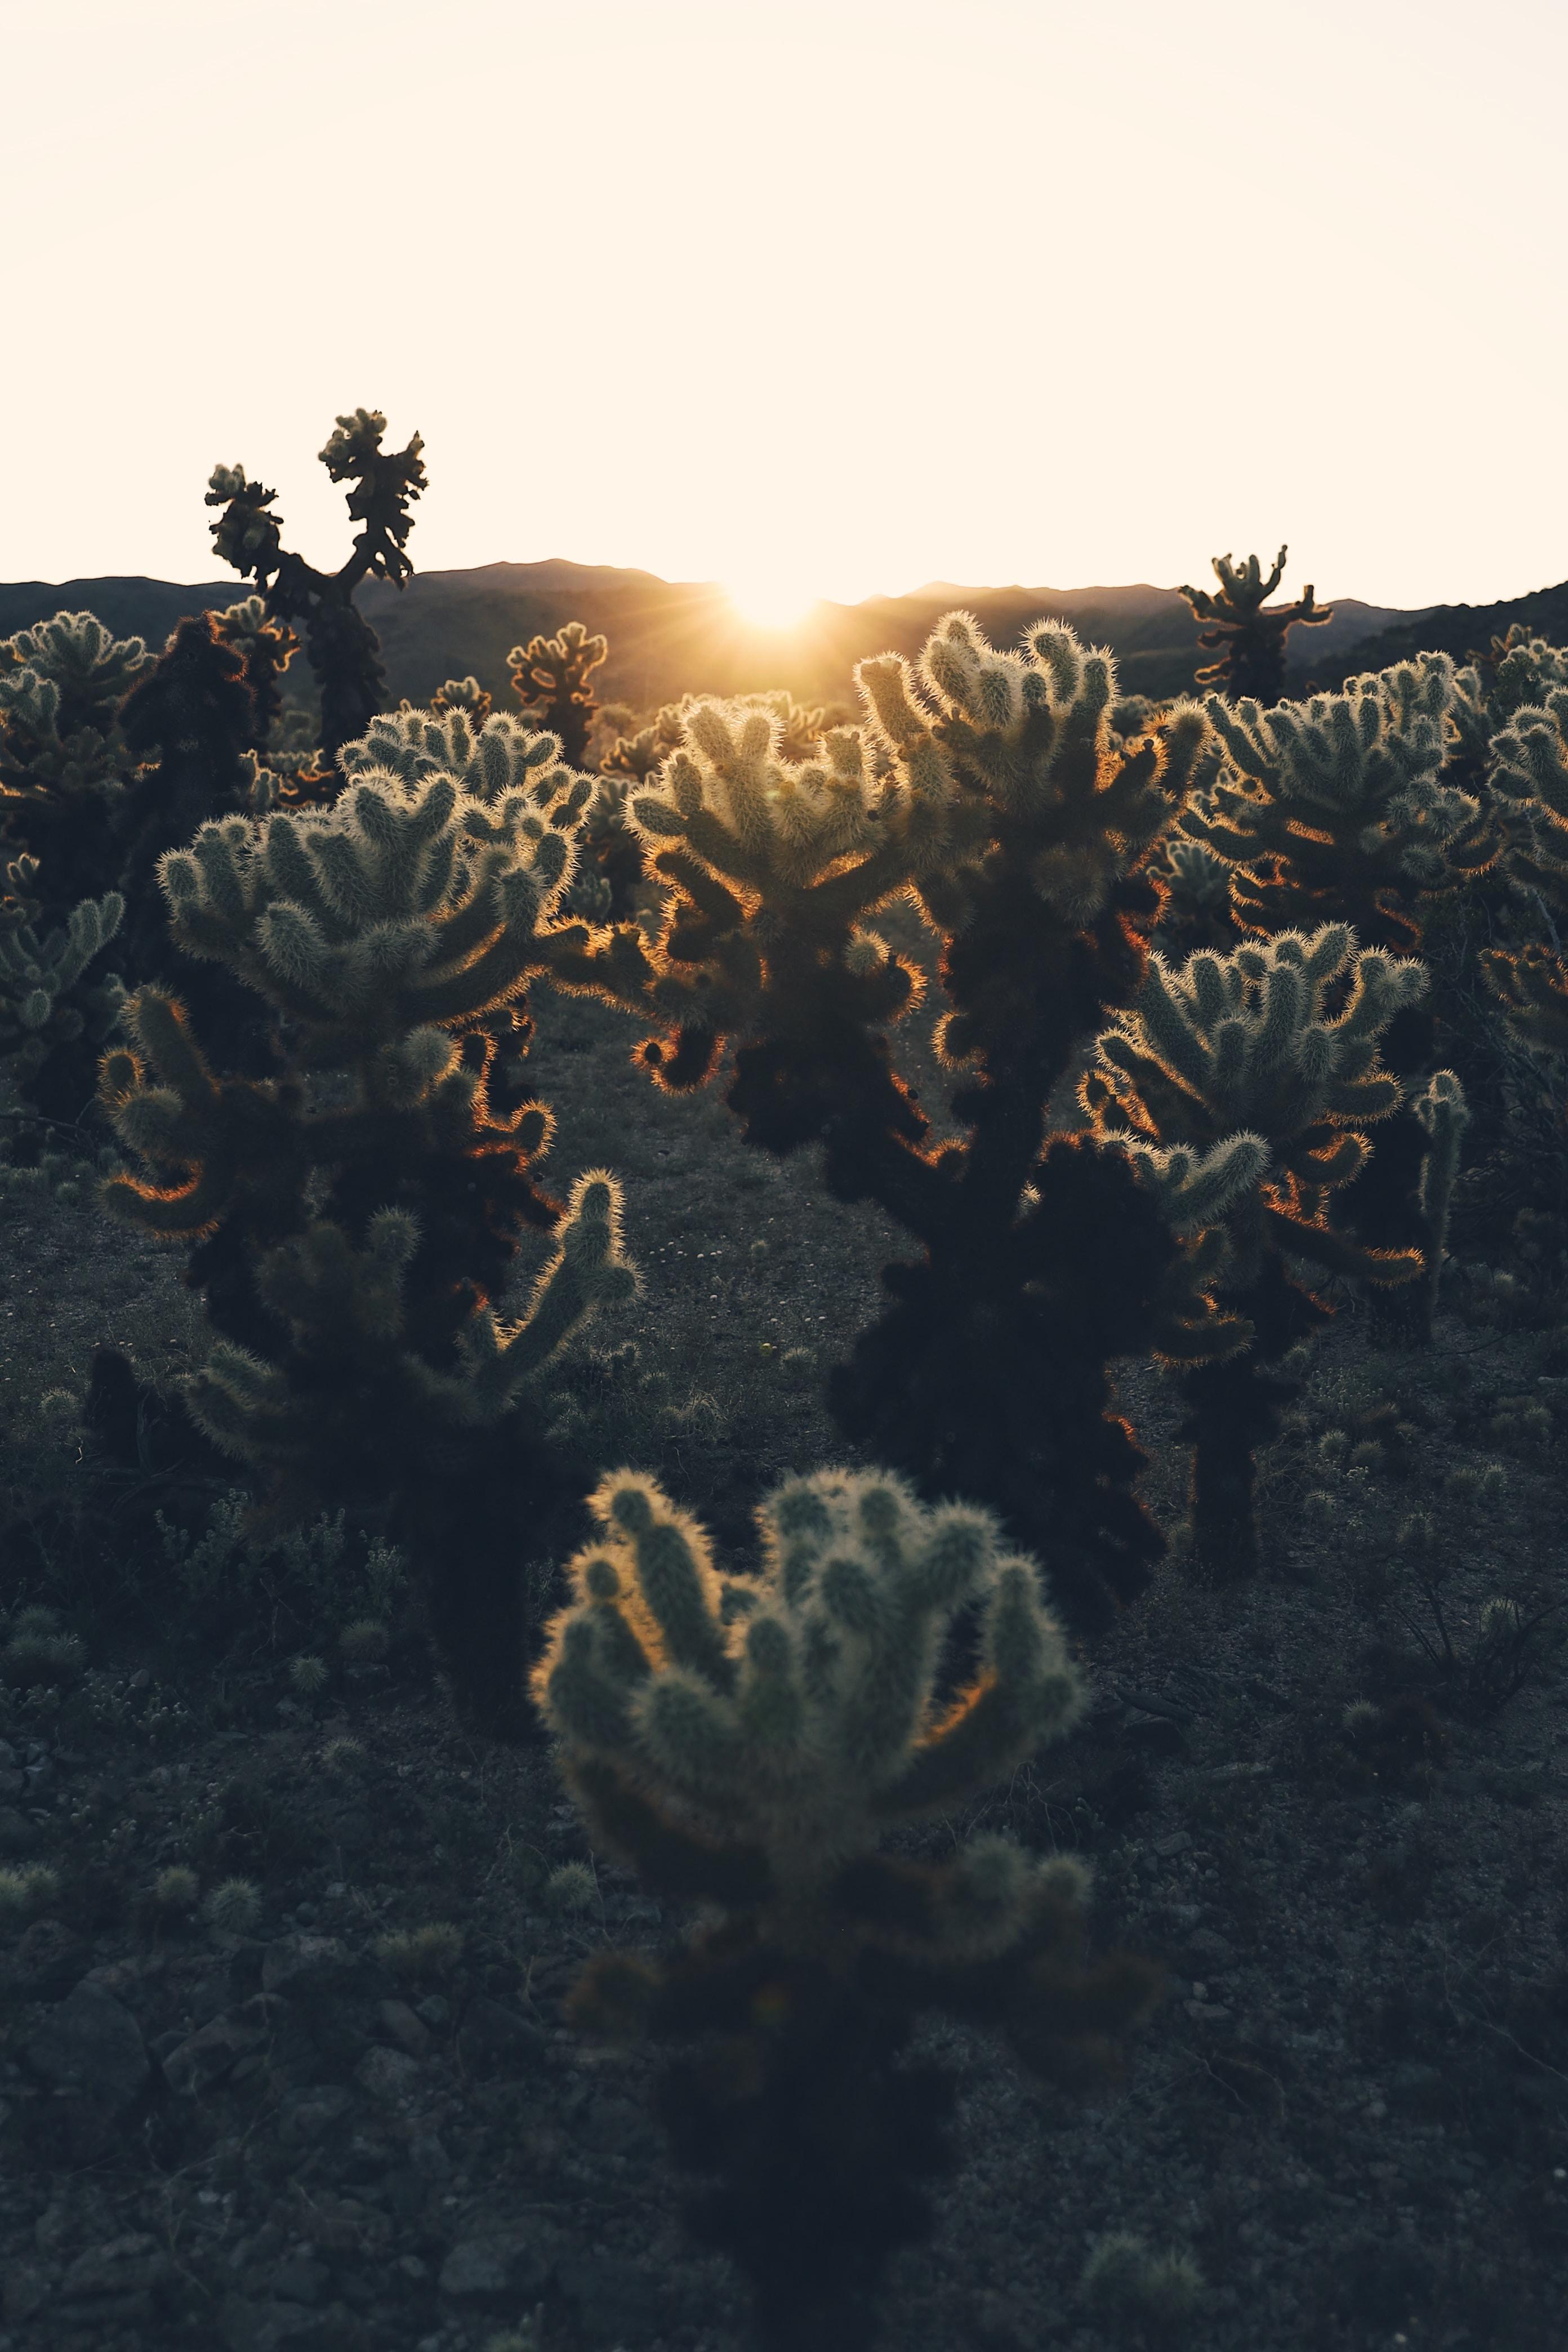 63086 скачать обои Растения, Природа, Кактусы, Закат, Солнце, Солнечный Свет - заставки и картинки бесплатно